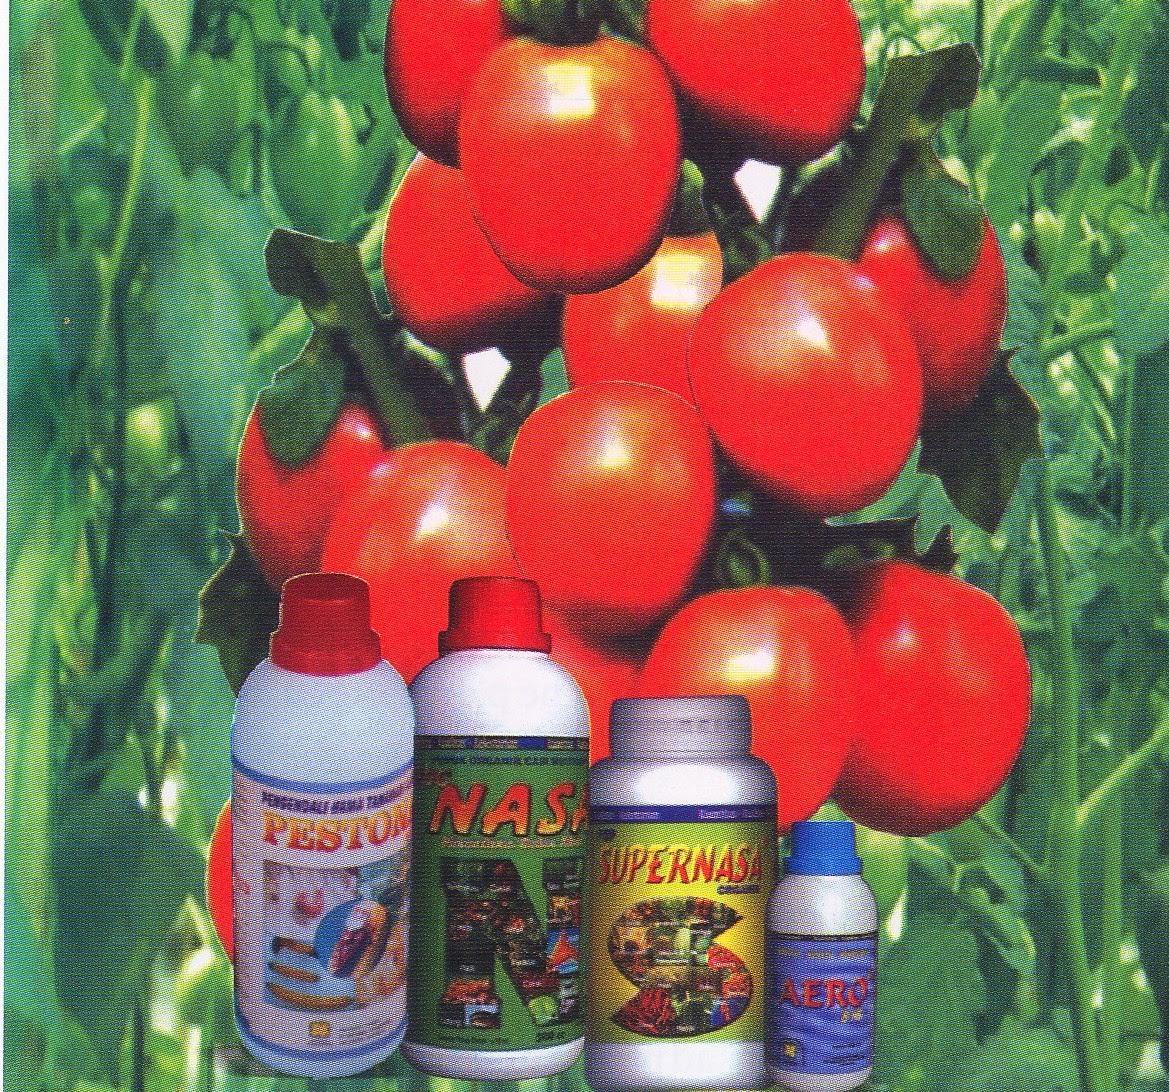 cara-budidaya-tomat-dengan-produk-nasa